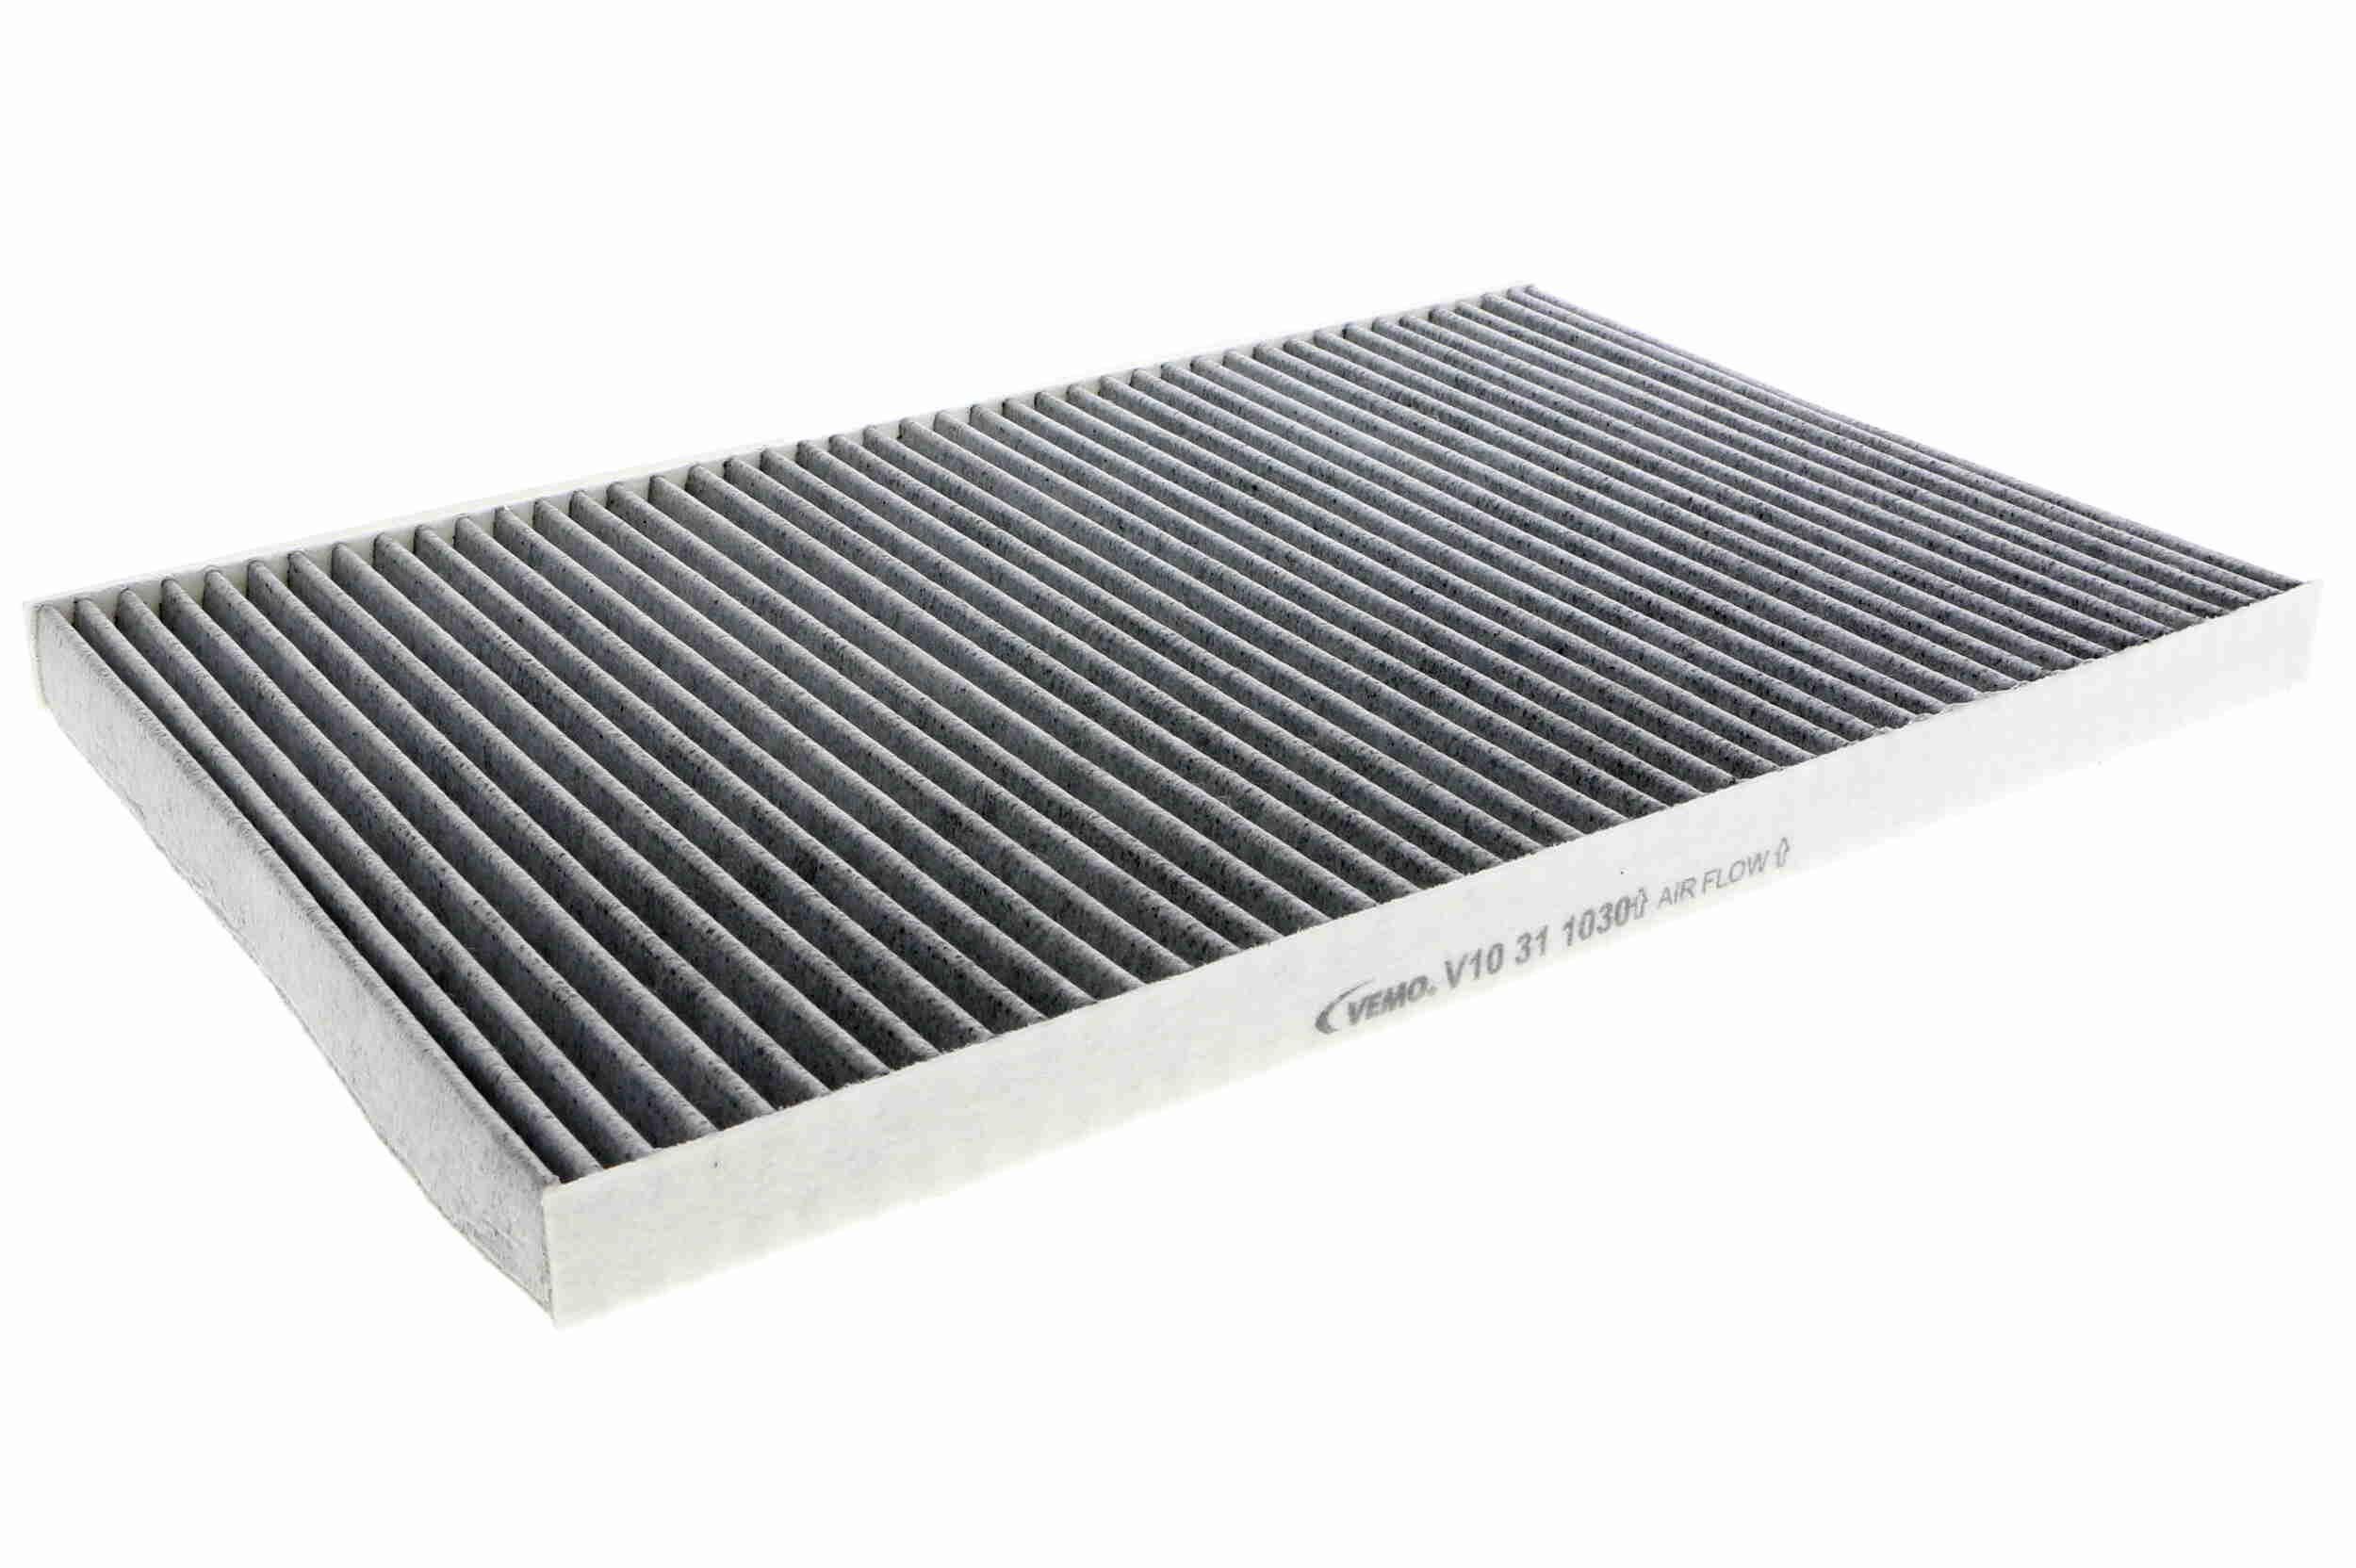 AUDI 200 1987 Kabinenluftfilter - Original VEMO V10-31-1030 Breite: 213,5mm, Höhe: 20mm, Länge: 345mm